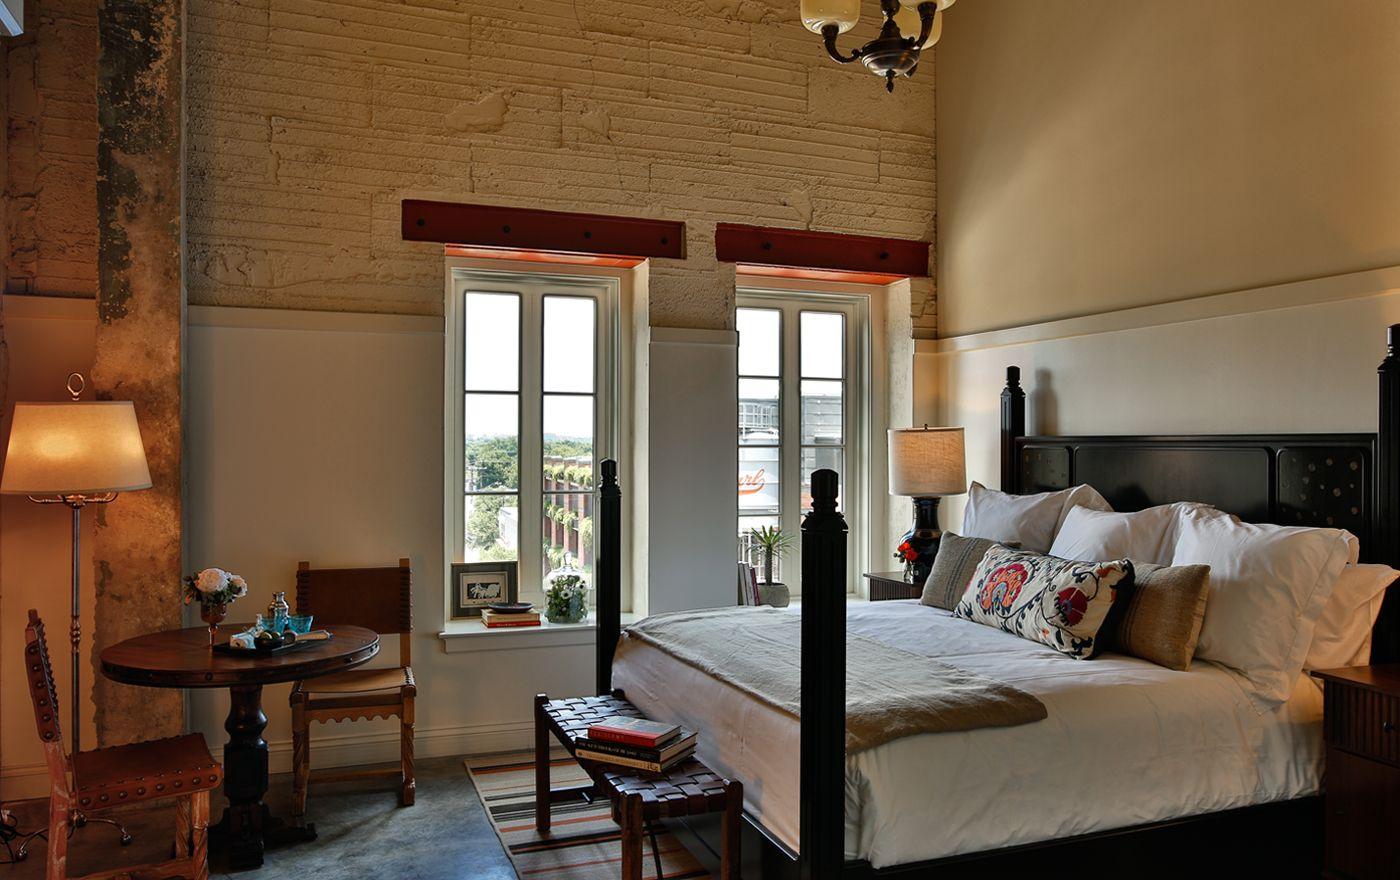 San Antonio Hotel Suites 2 Bedroom Guest Room At Hotel Emma San Antonio Rooms Start 300 Night